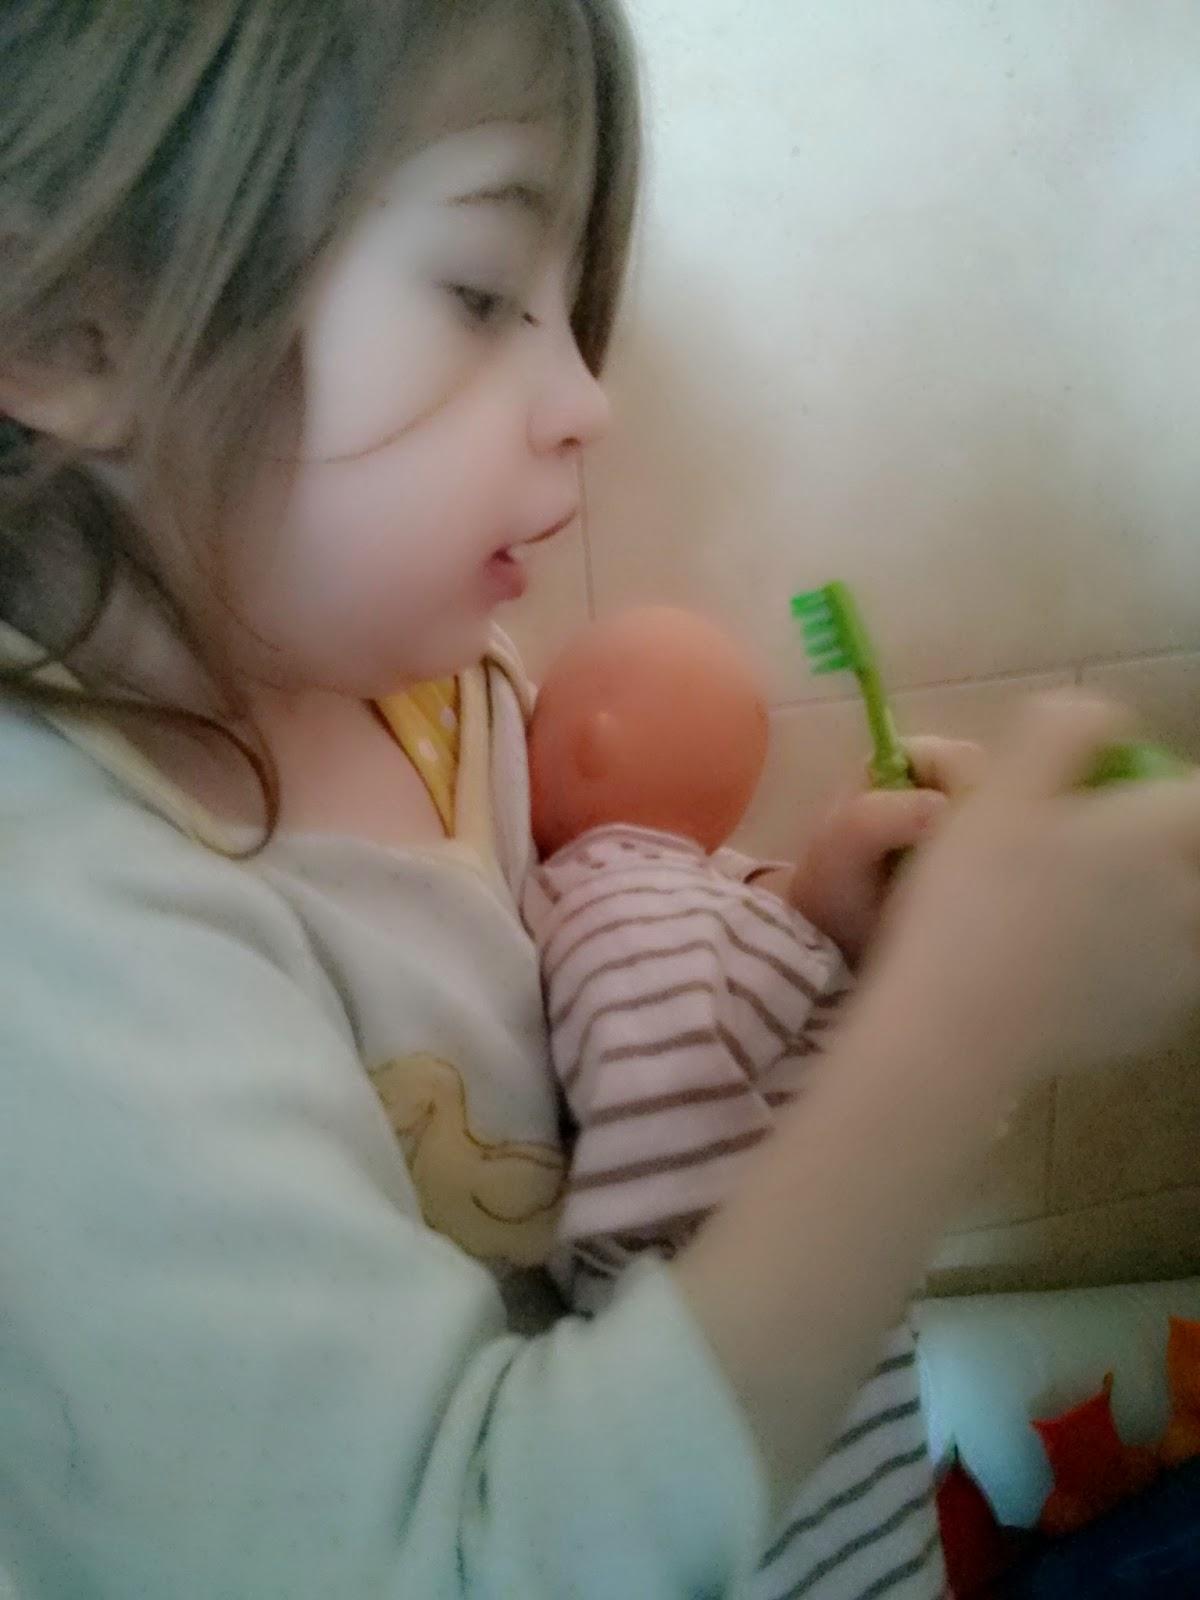 eldest getting ready to brush teeth